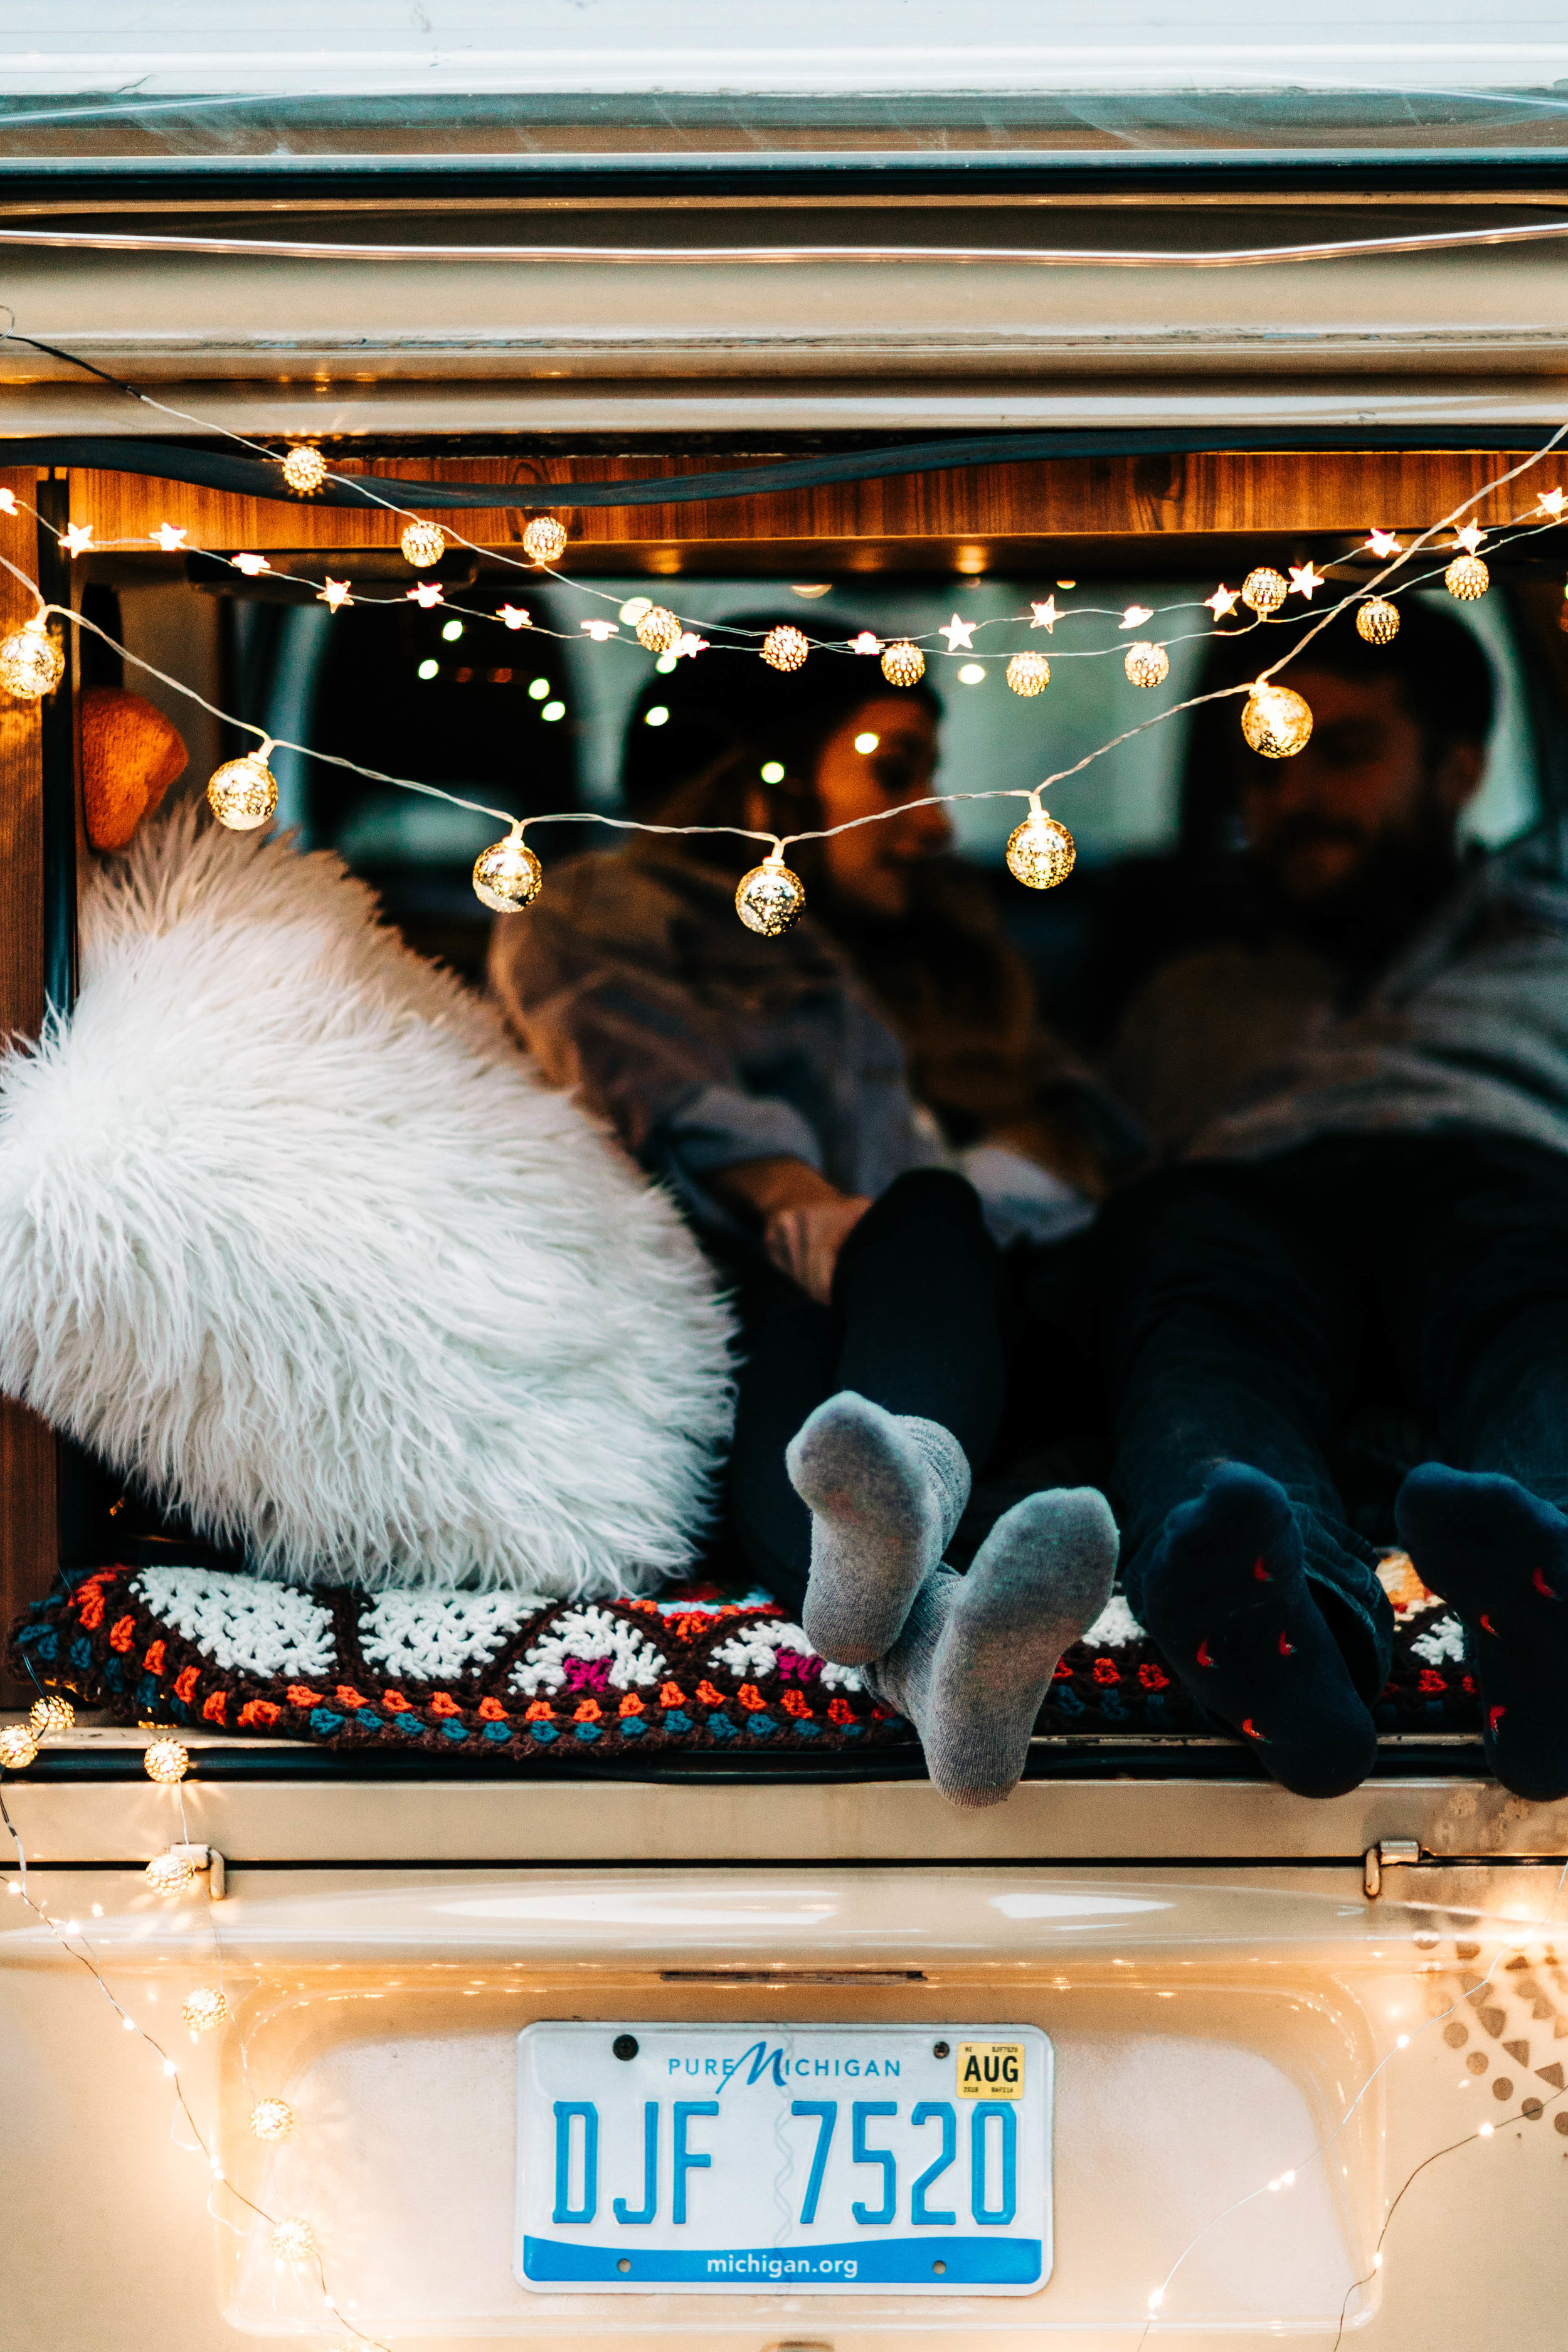 elopement photos inside a vintage camper van | van life elopement photographers